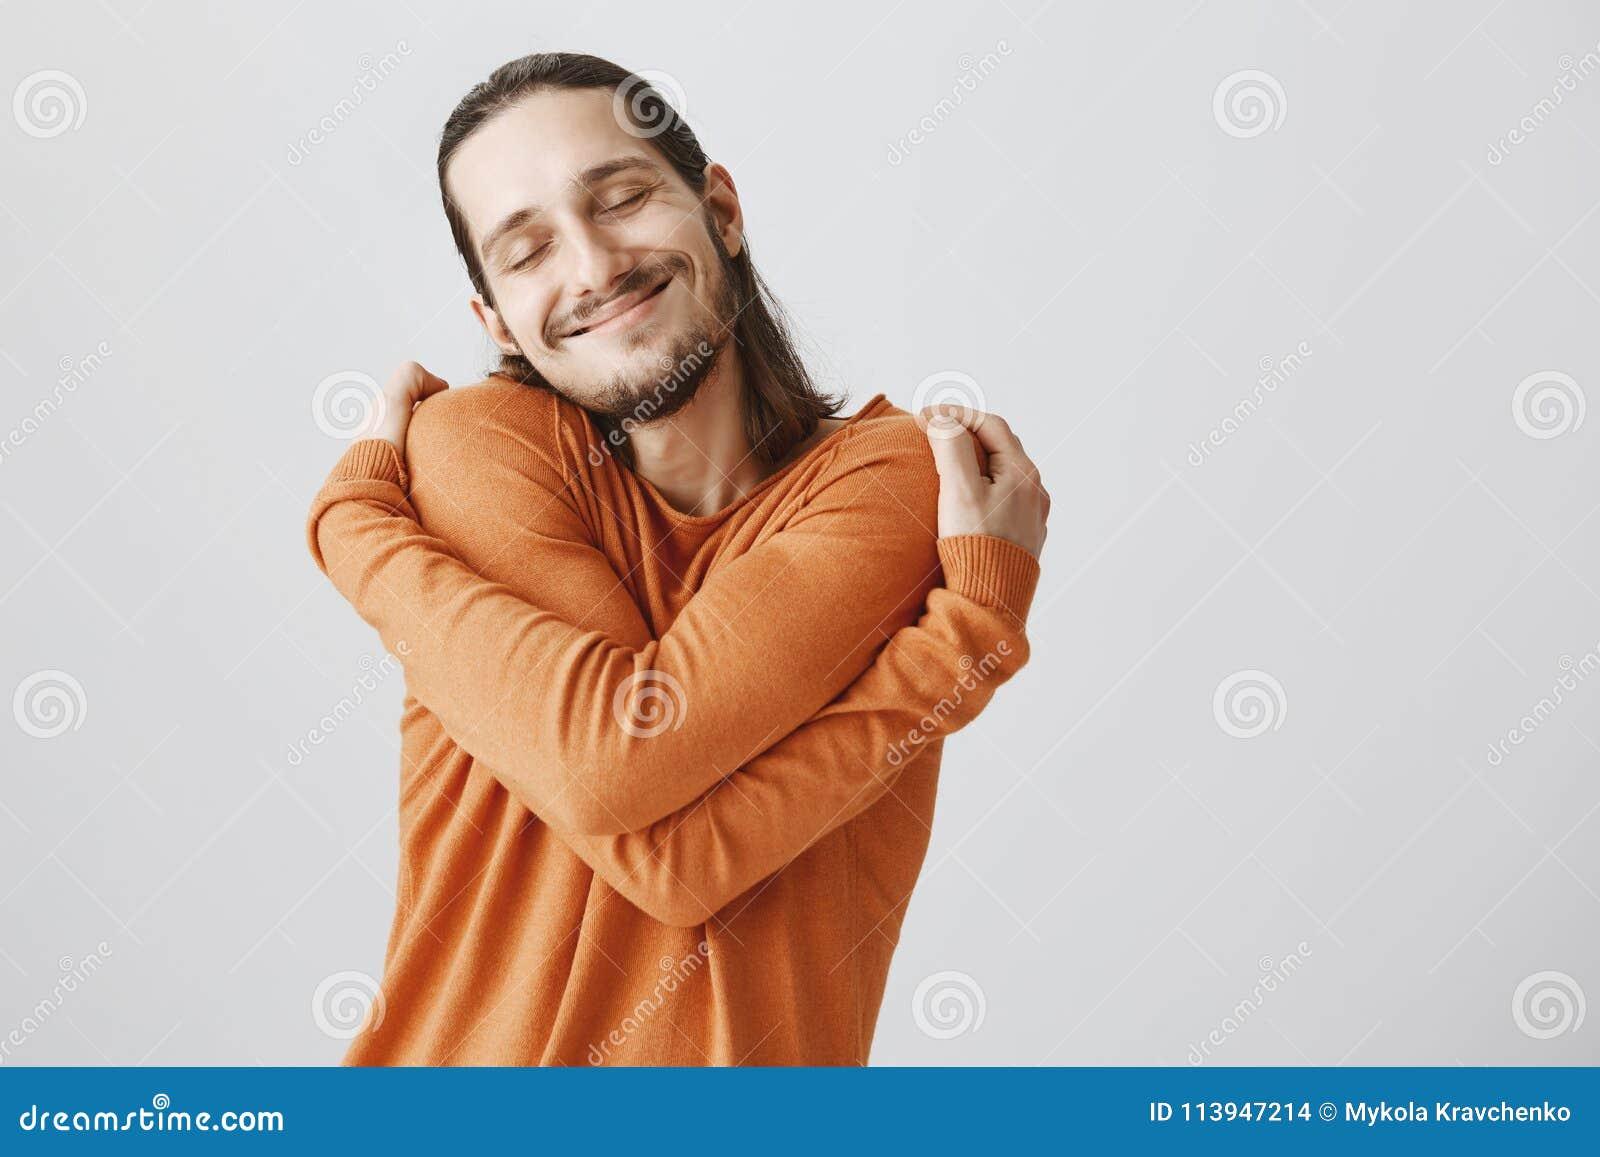 Quem precisam amigas se você pode se abraçar Indivíduo europeu brincalhão engraçado com cabelo longo e barba que afagam-se e